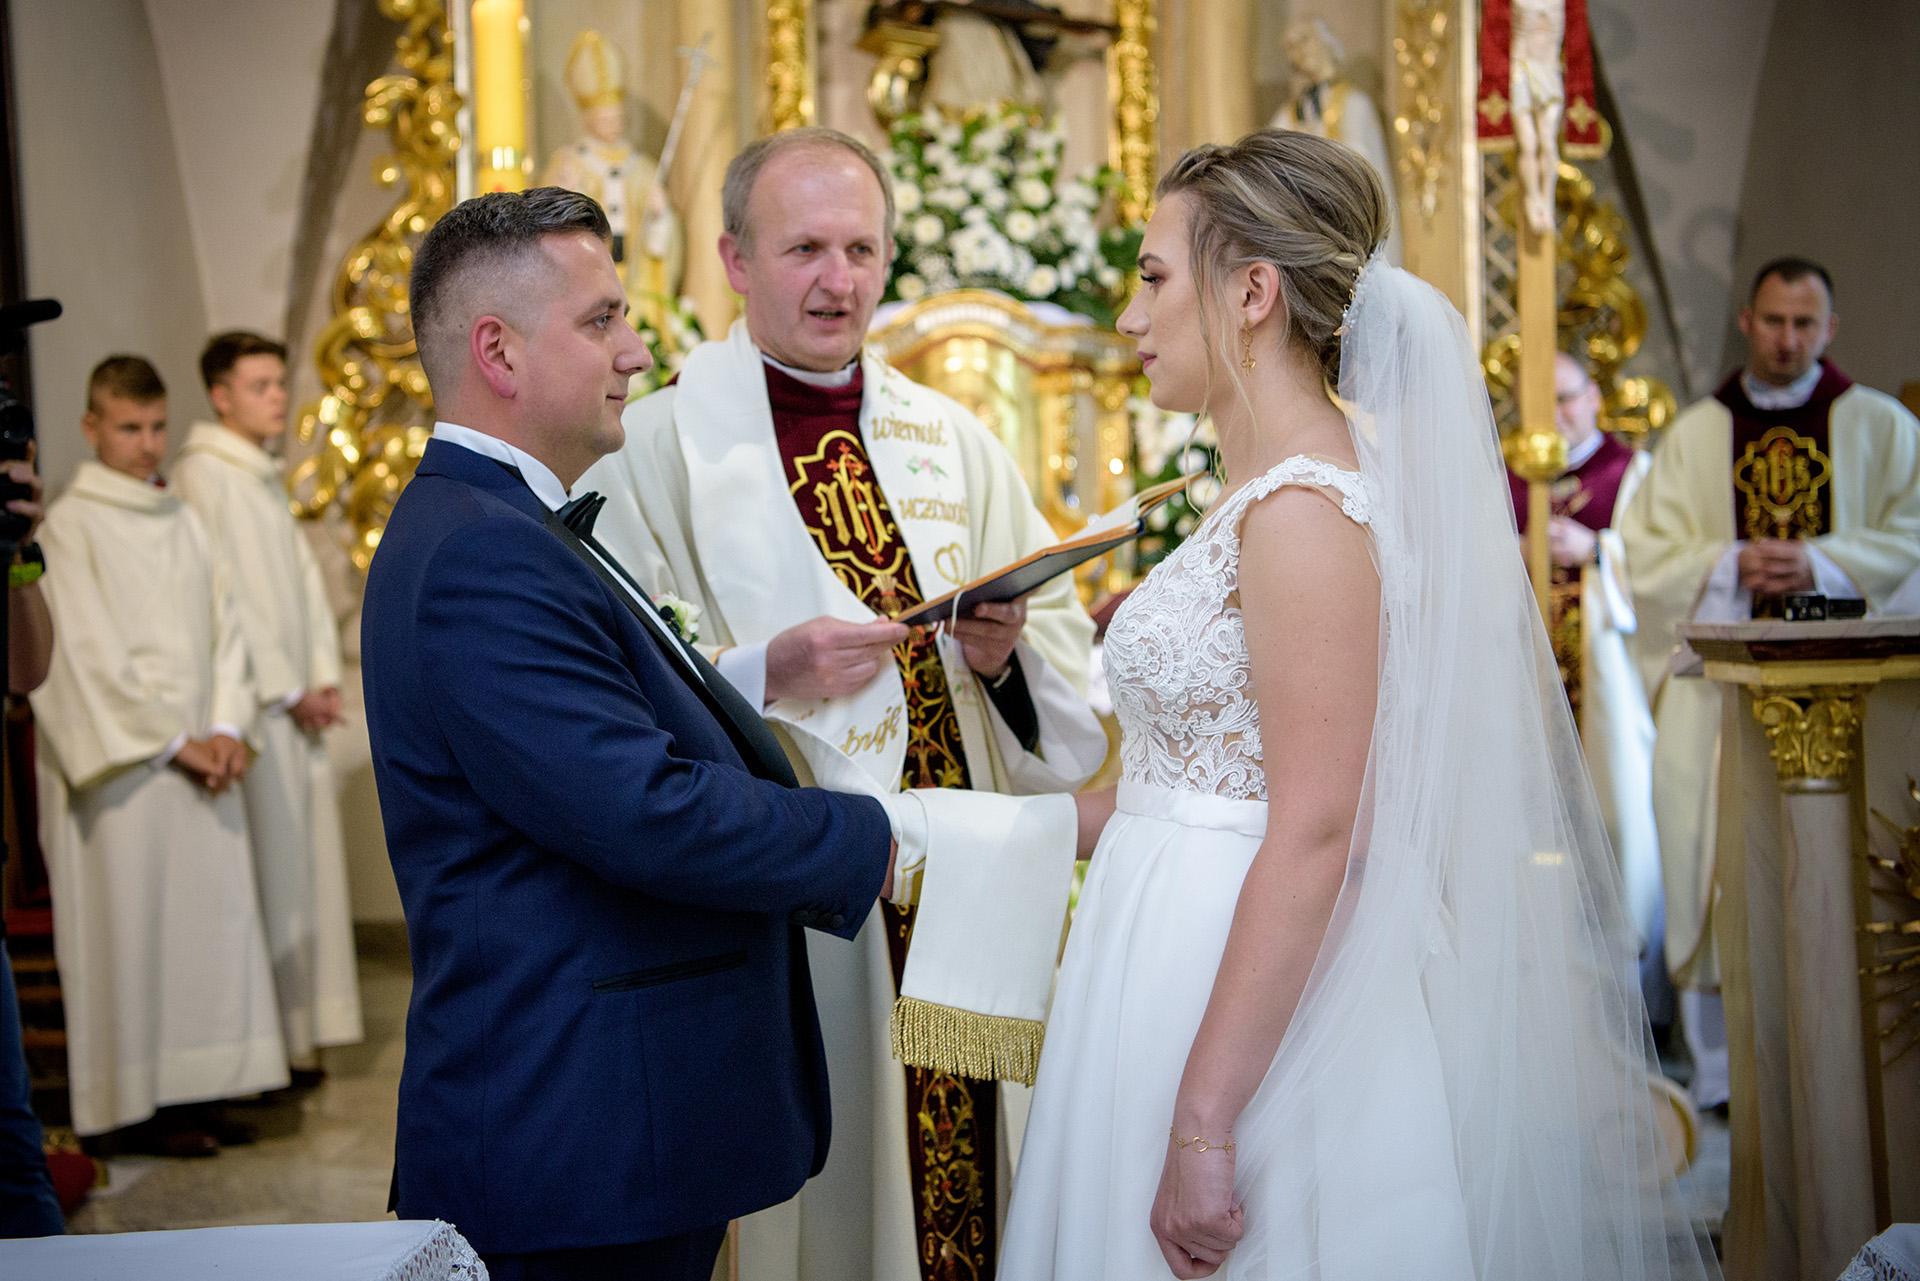 przysięga małżeńska - obrączki ślubne